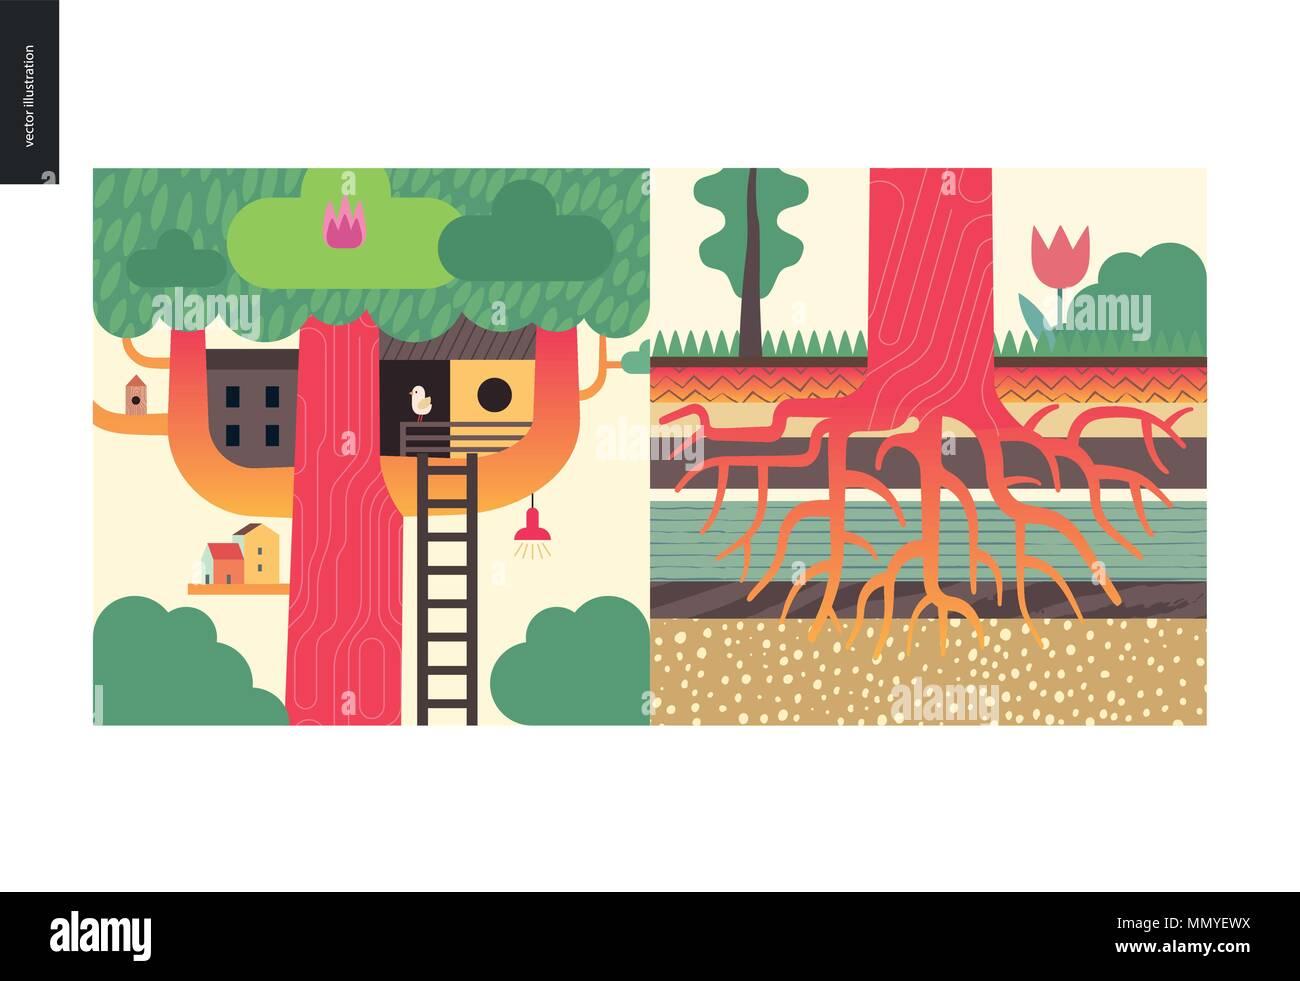 Einfache Dinge - Farbe - Flachbild cartoon Vector Illustration von ...